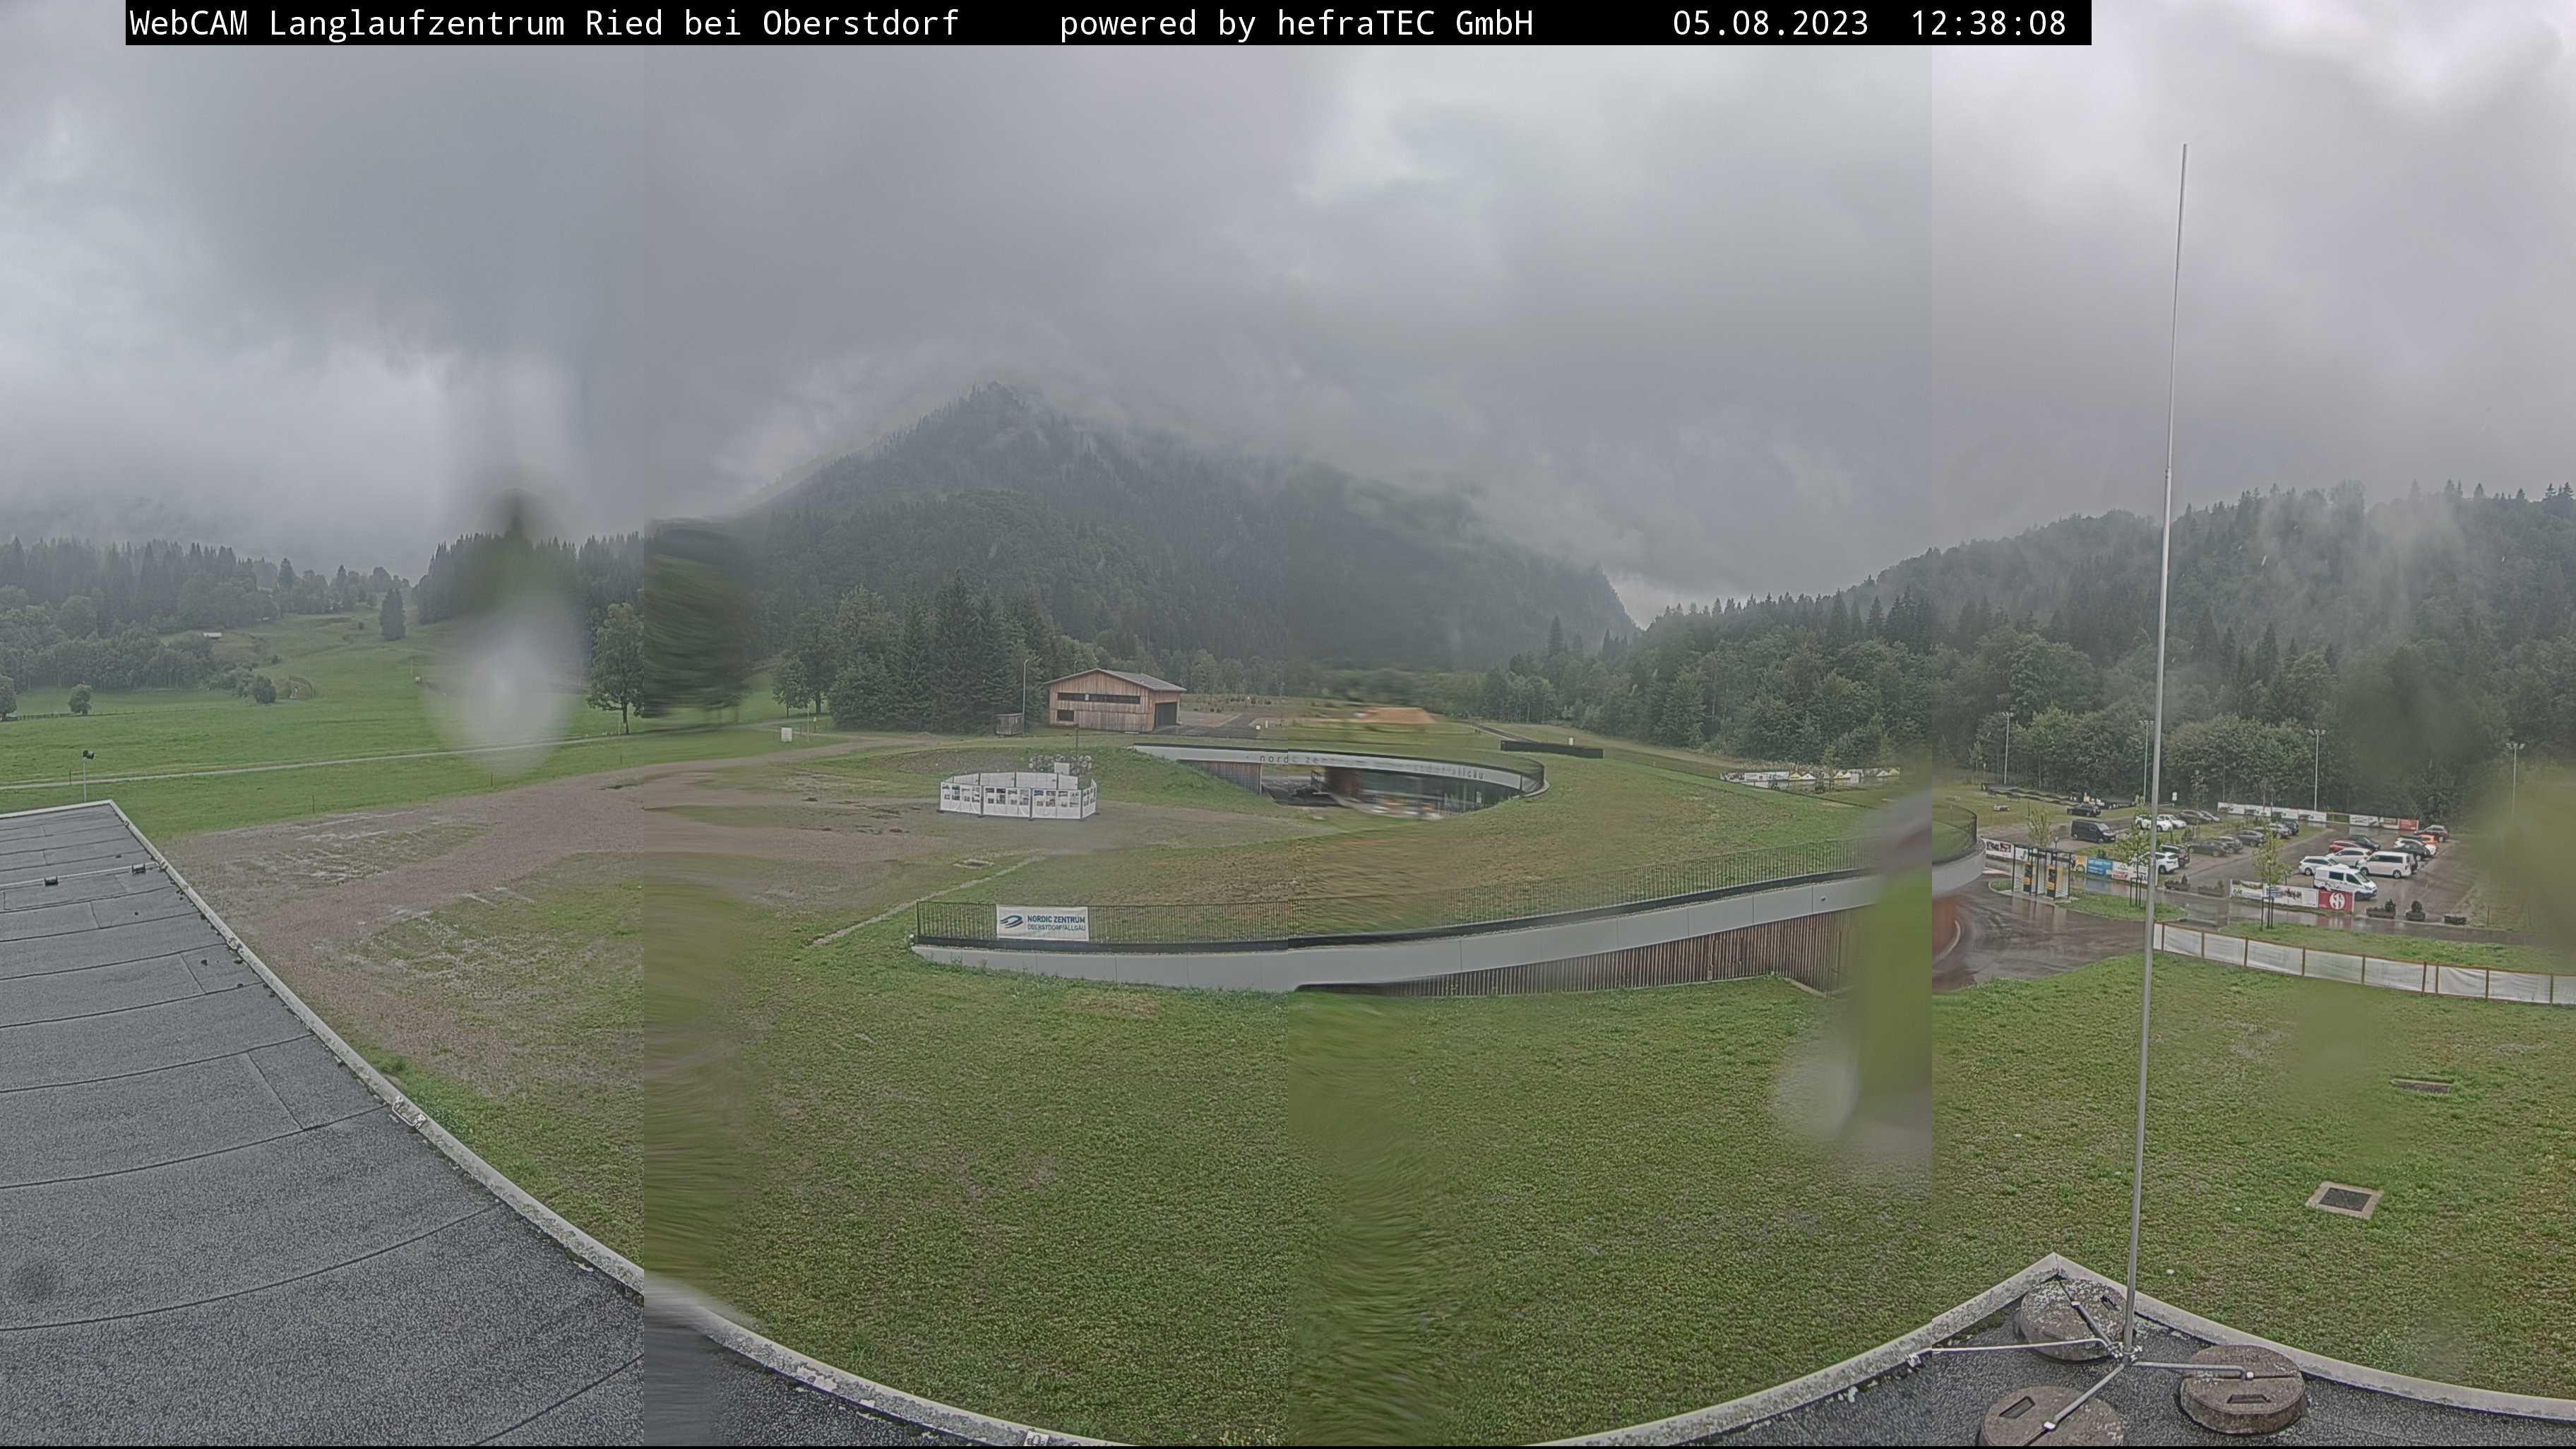 Webcam Nordic Zentrum Oberstdorf